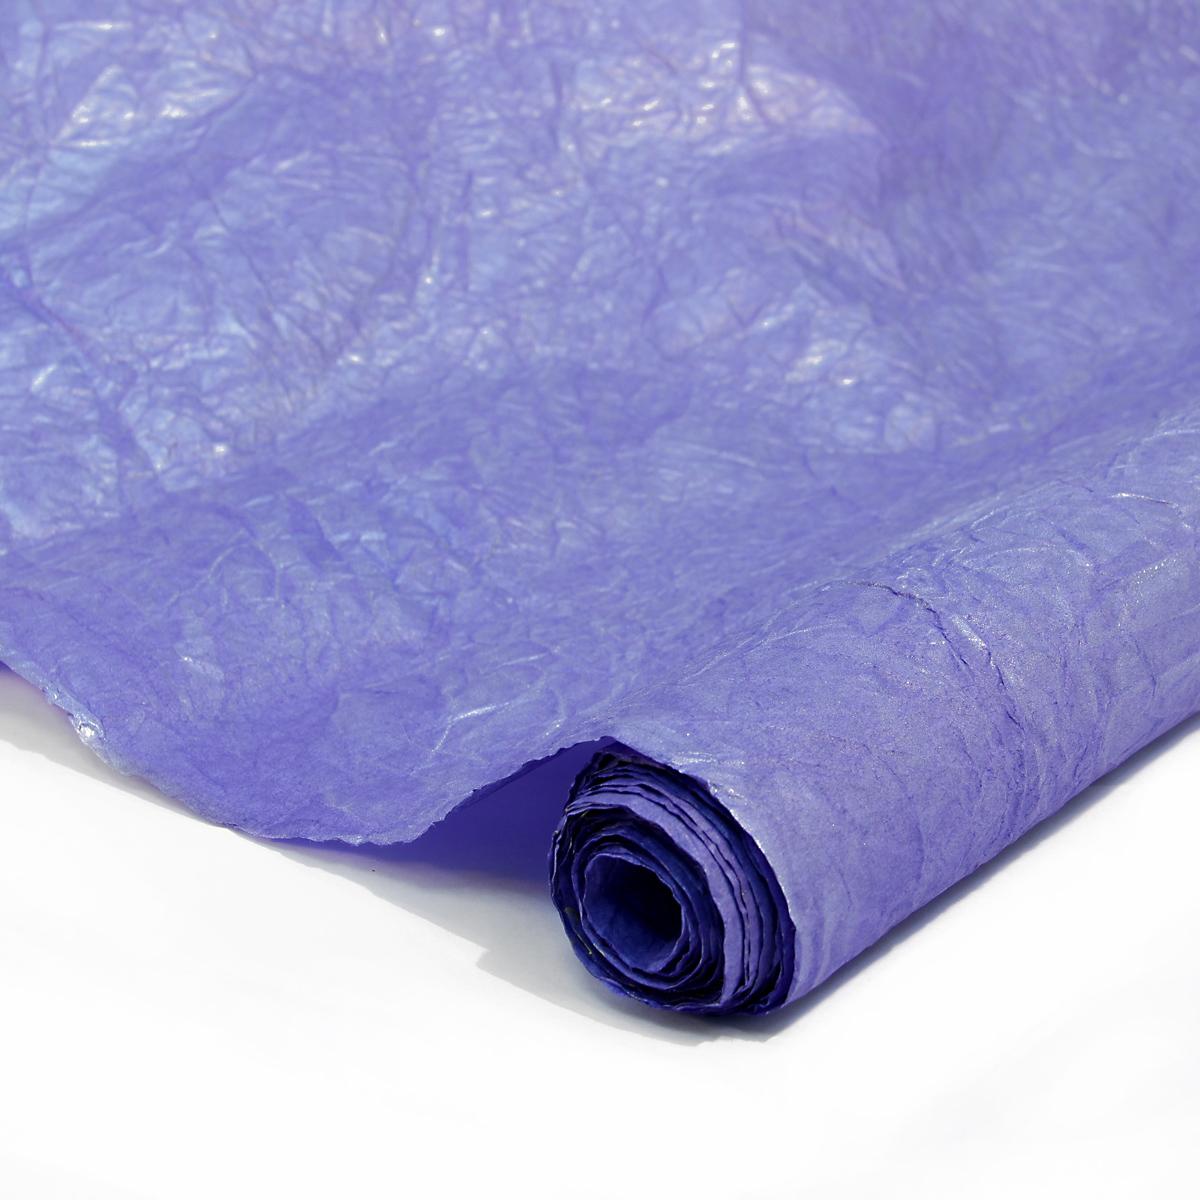 """Бумага Veld-Co """"Эколюкc"""" - это универсальный материал для  упаковки подарков и оформления букетов. Она достаточно  плотная и в тоже время пластичная. Благодаря органичной  фактуре, великолепно ложится и на нестандартные формы  (круглые, овальные). Эта бумага хорошо комбинируется с другими материалами. Её можно  использовать в качестве декоративных элементов. К ней легко подобрать  аксессуары - подойдут натуральные шнуры, рафия, ленты (репсовая,  шёлковая, хлопковая). Благодаря этому материалу - мастер выполнит  любую задачу, поставленную перед ним. Ко всему прочему- бумагу в рулоне удобнее хранить, использовать,  транспортировать."""